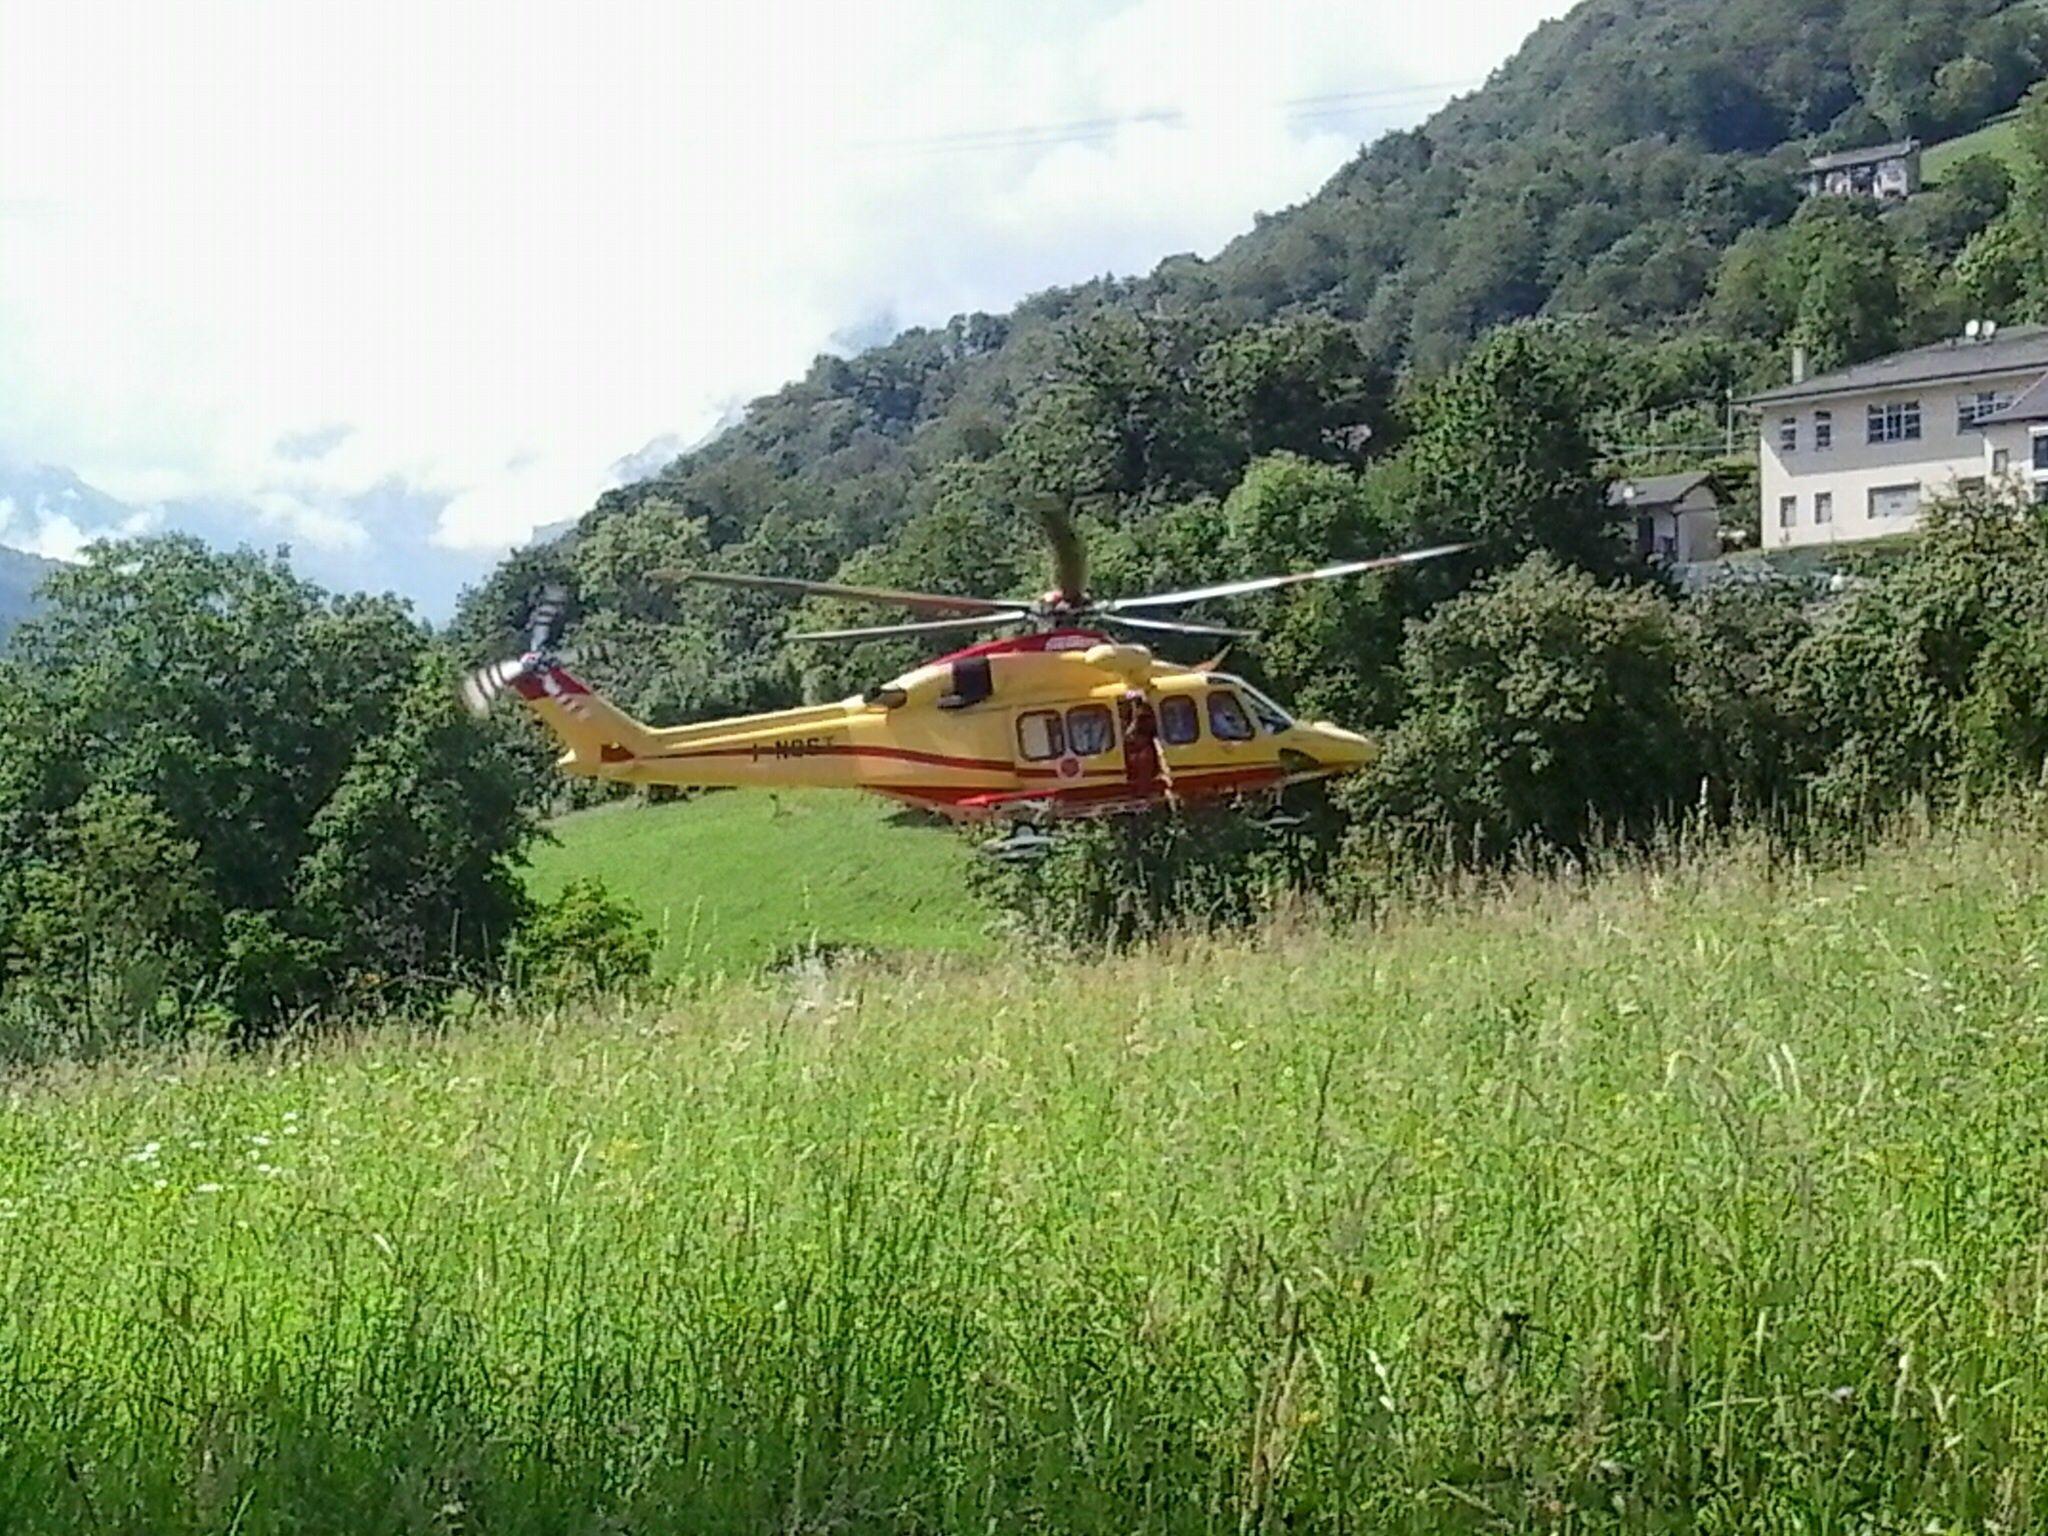 COLLERETTO CASTELNUOVO - Precipita con il parapendio nel giardino di una casa: trasportato con l'elicottero al Cto